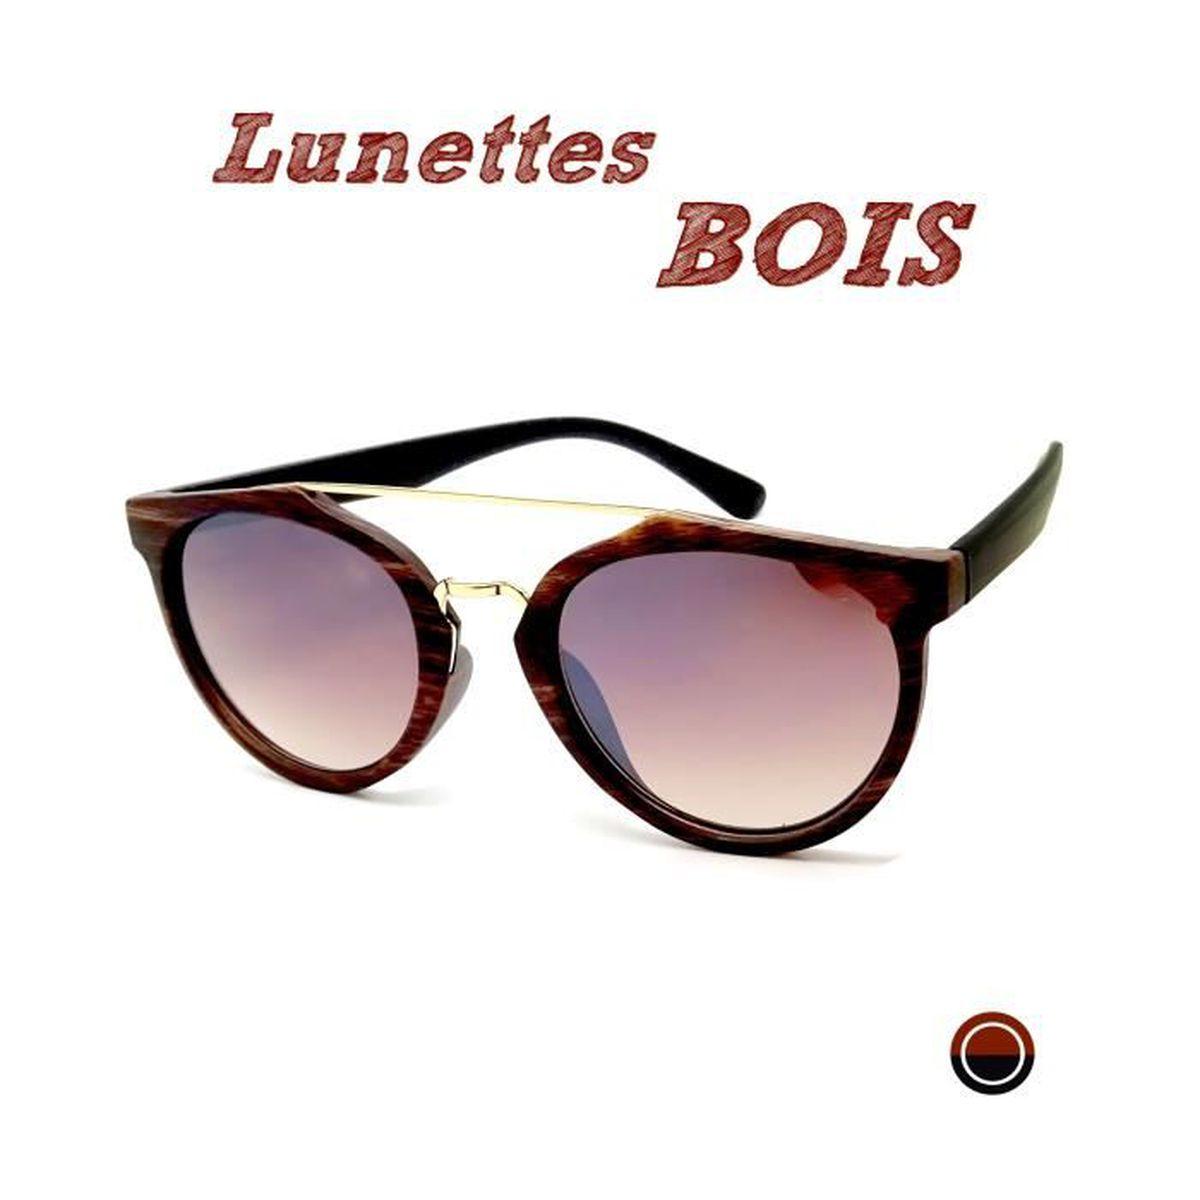 Lunettes de Soleil Homme Femme Unisex TIMEZONE CLARY (Noir Mat / Gris Clary 33) XtRaDWoAK